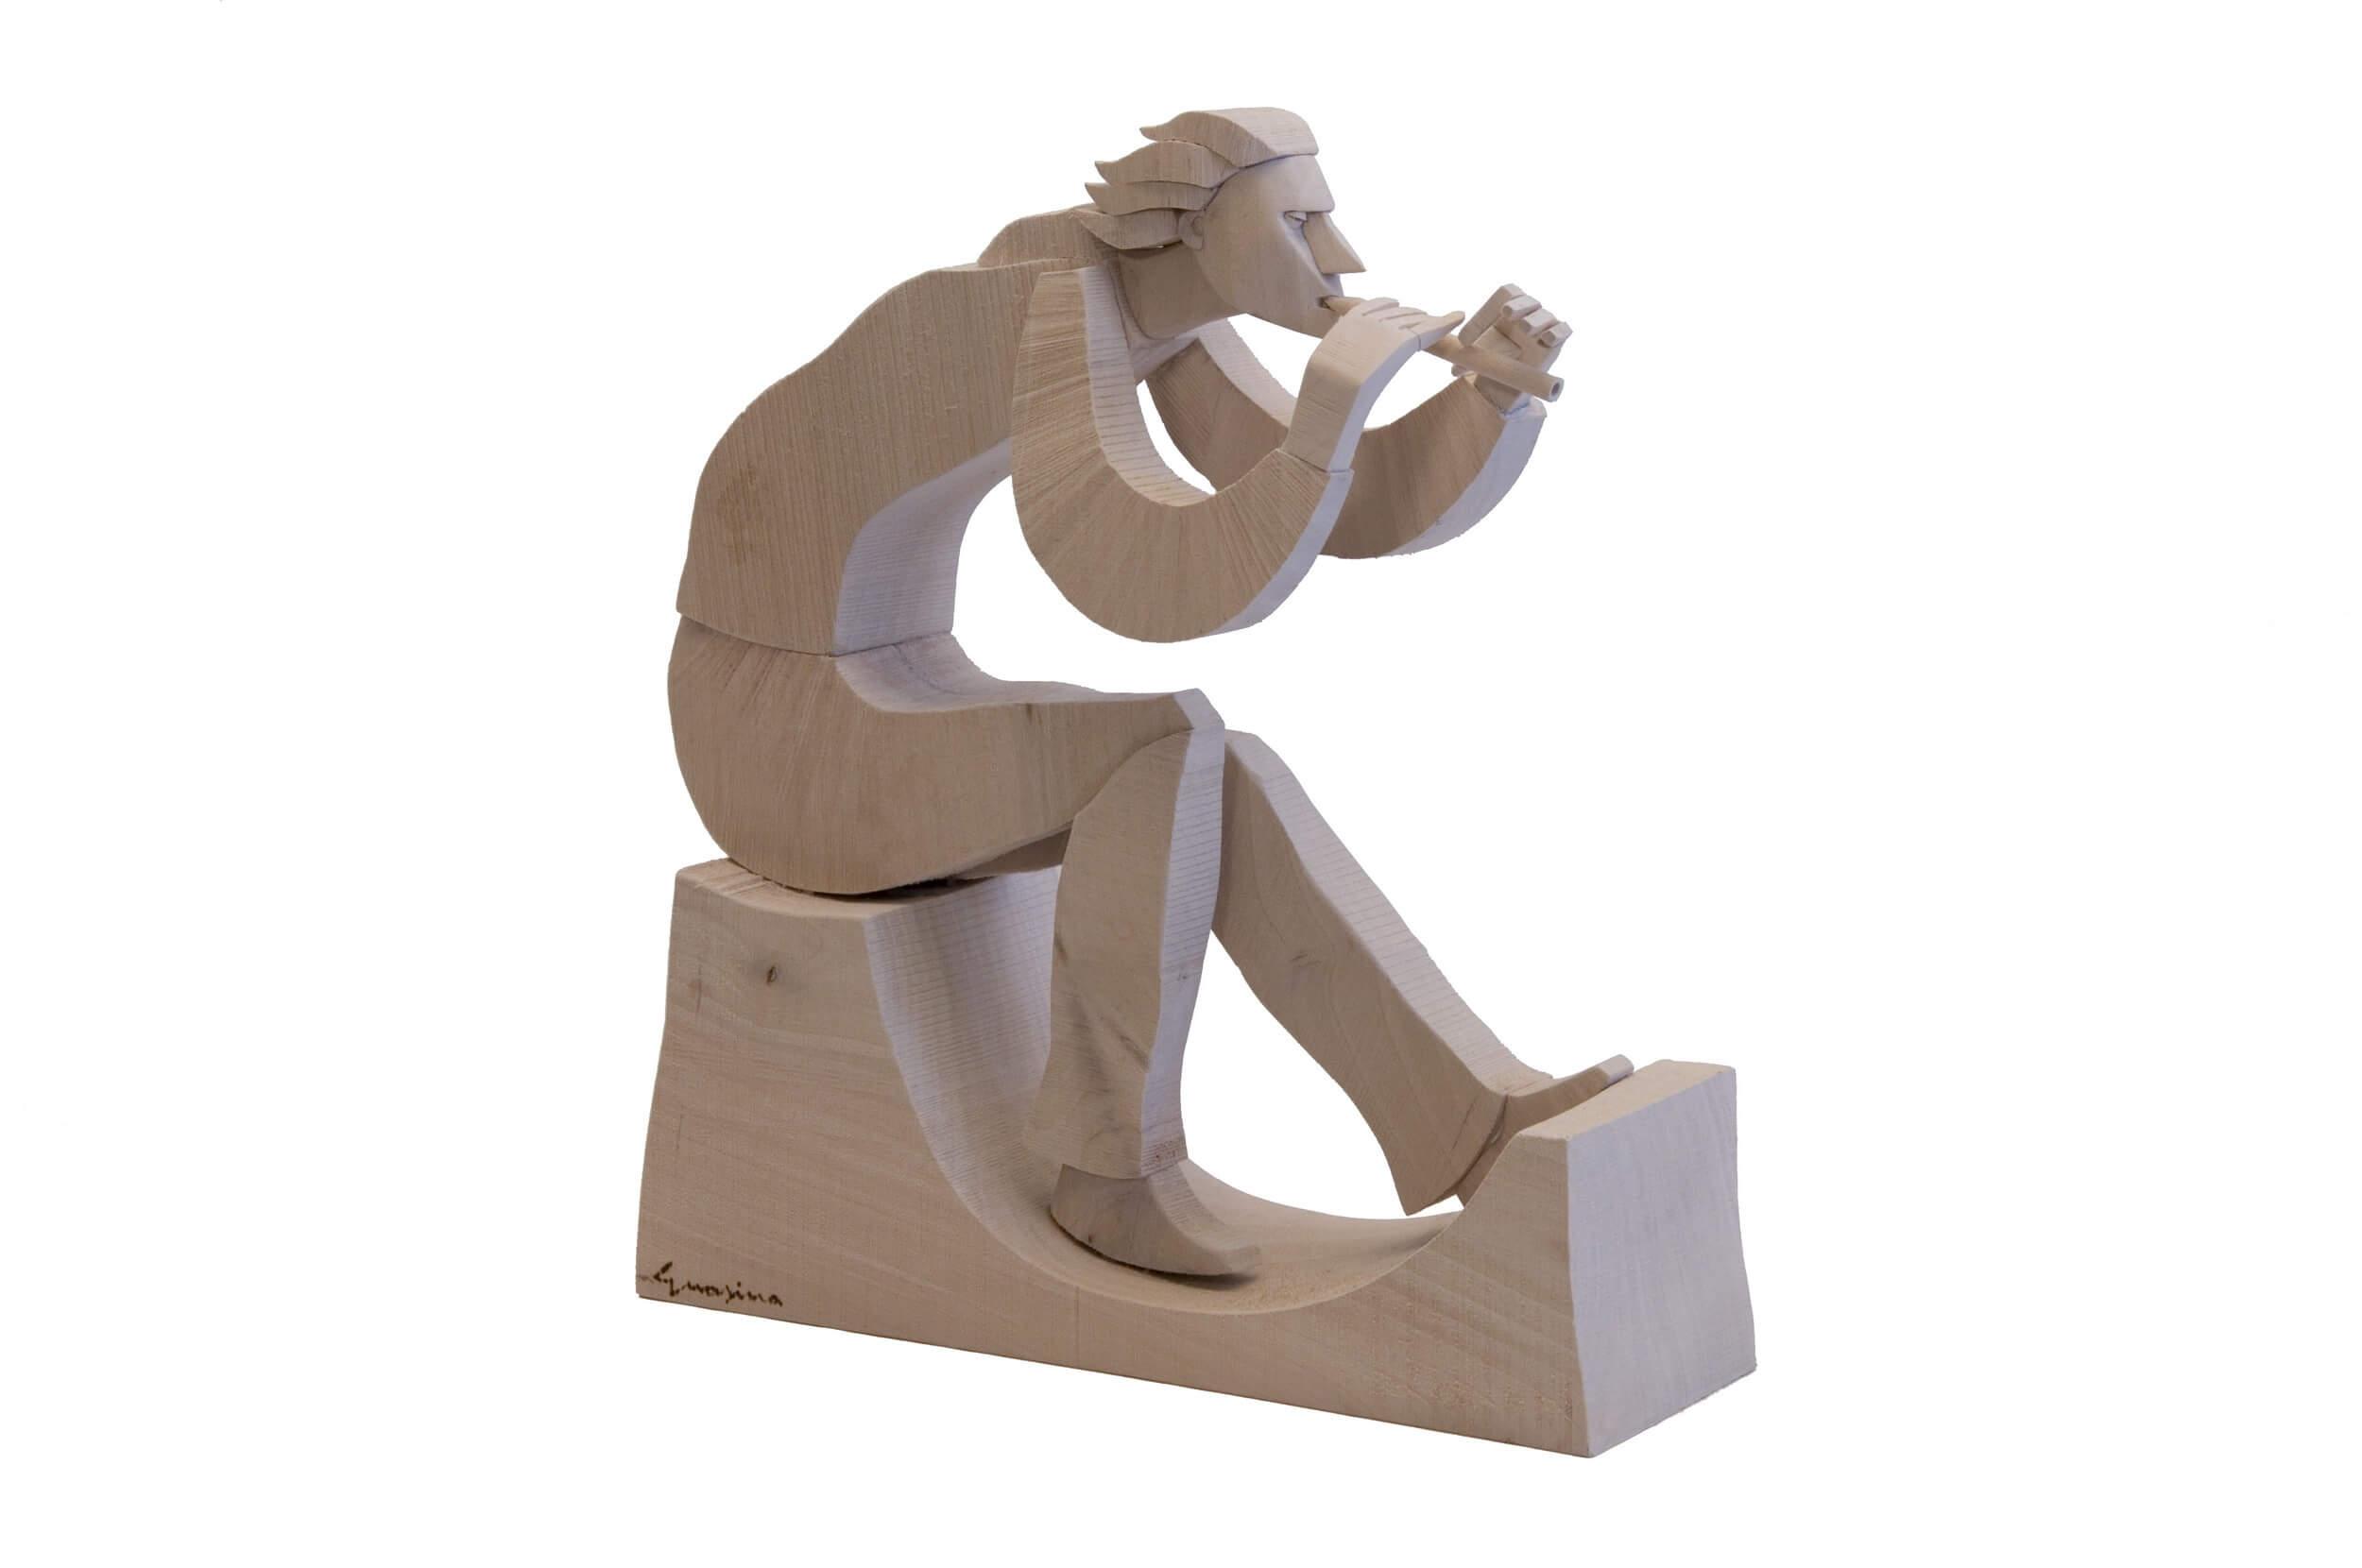 Scultura Guasina in legno - Soggetto: Il flauto magico